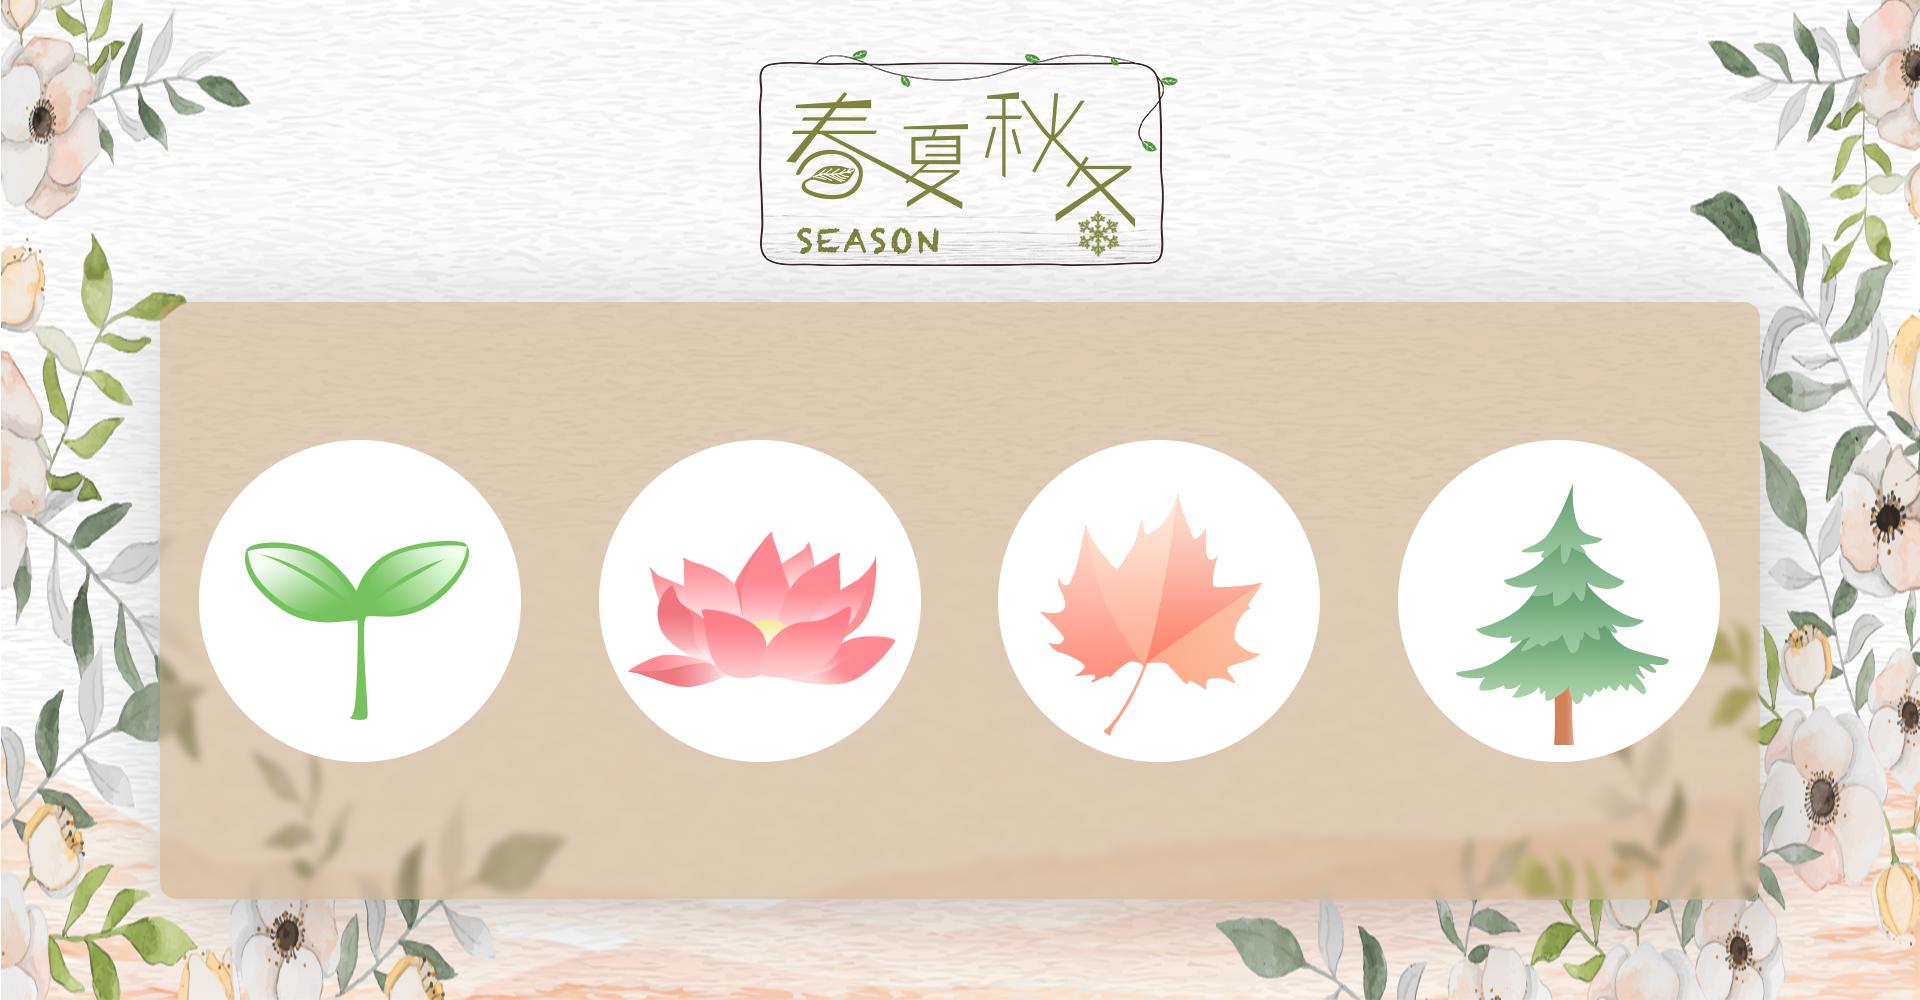 春夏秋冬四季图标图片